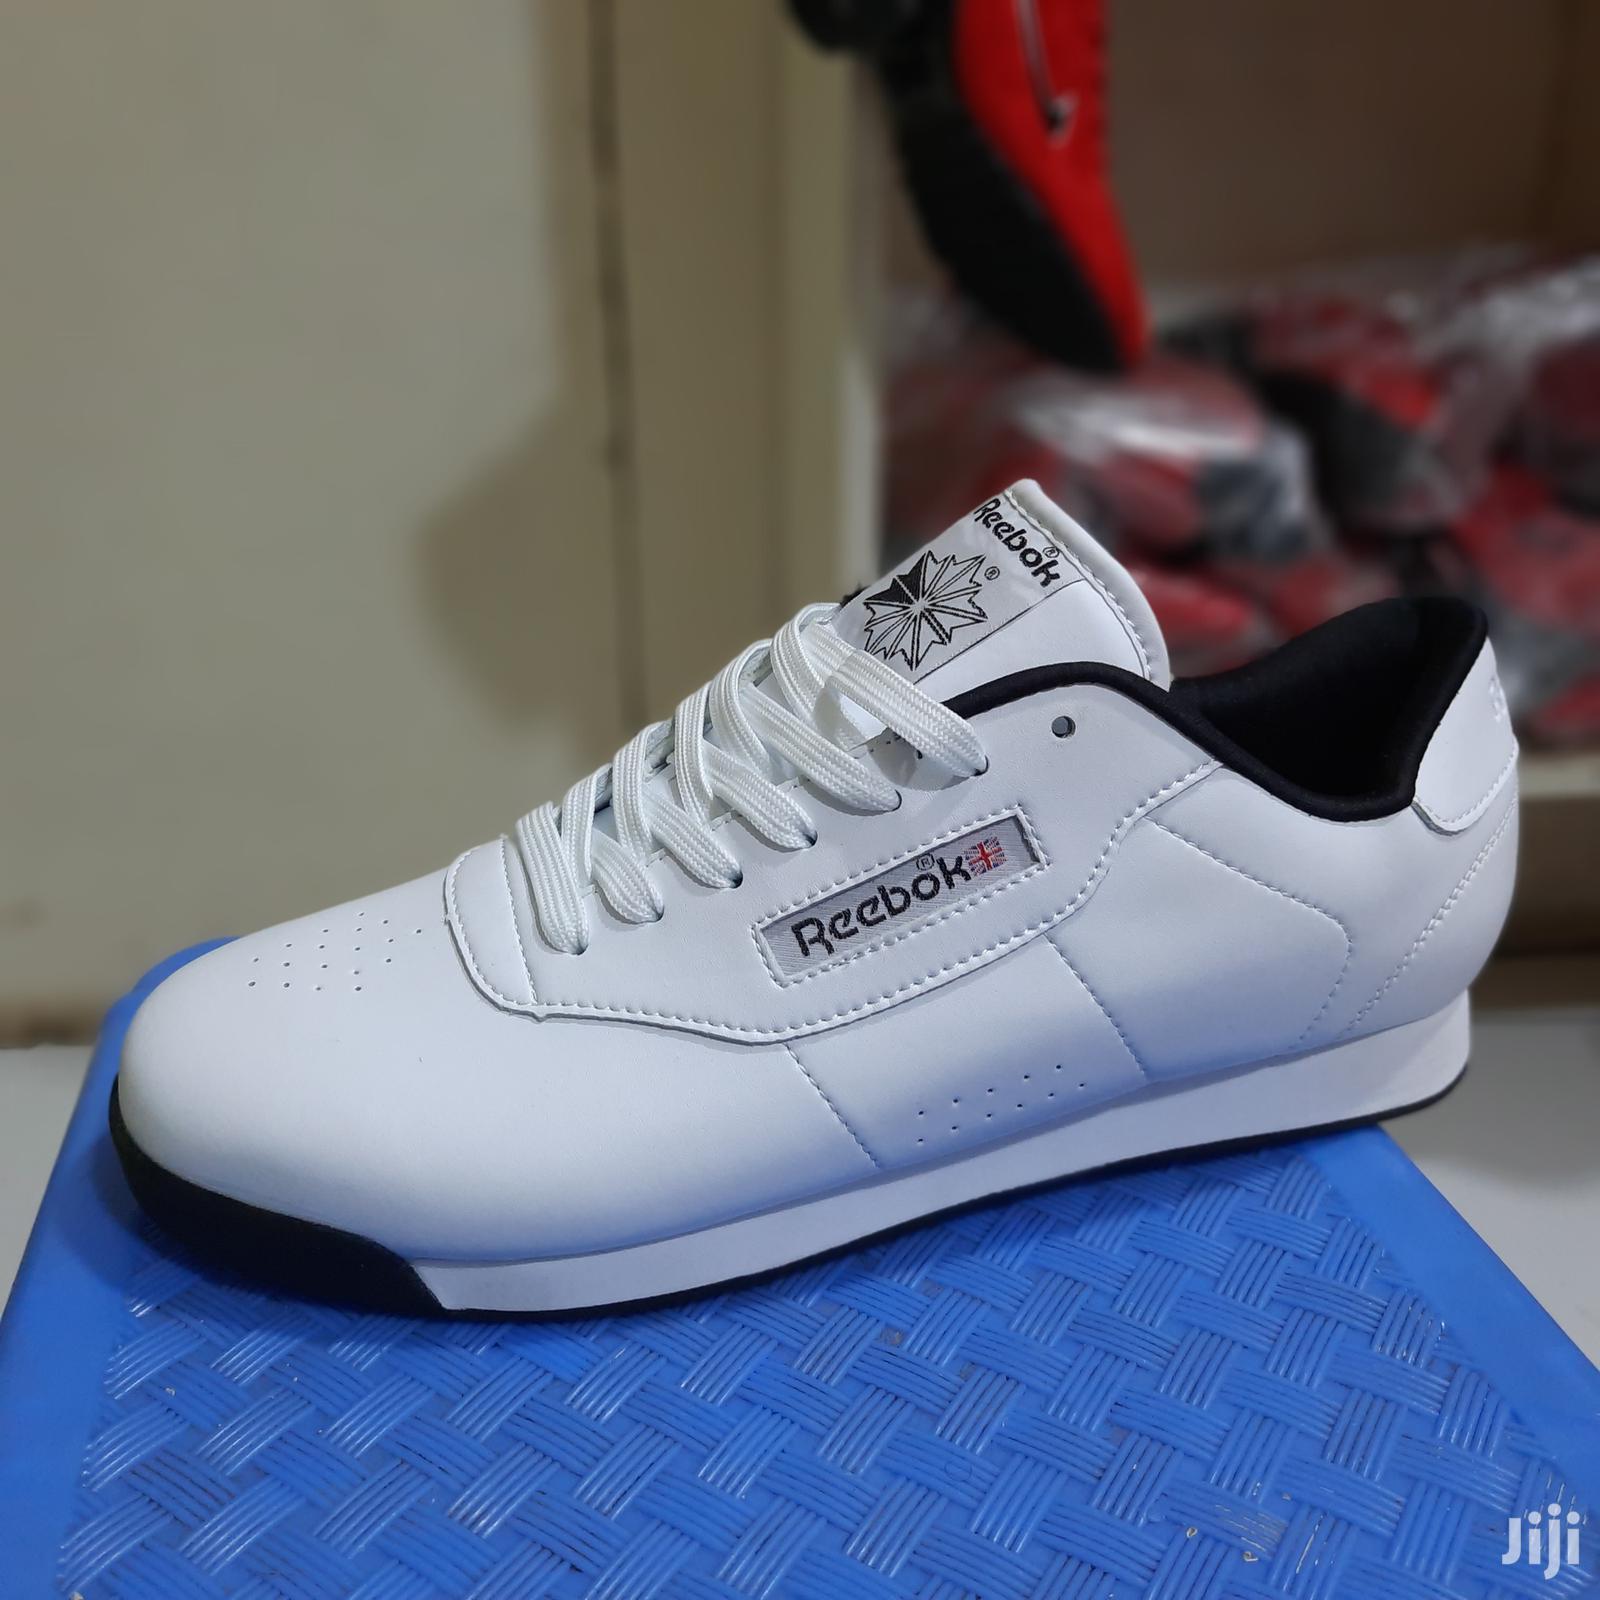 Reebok Sneakers in Kenya